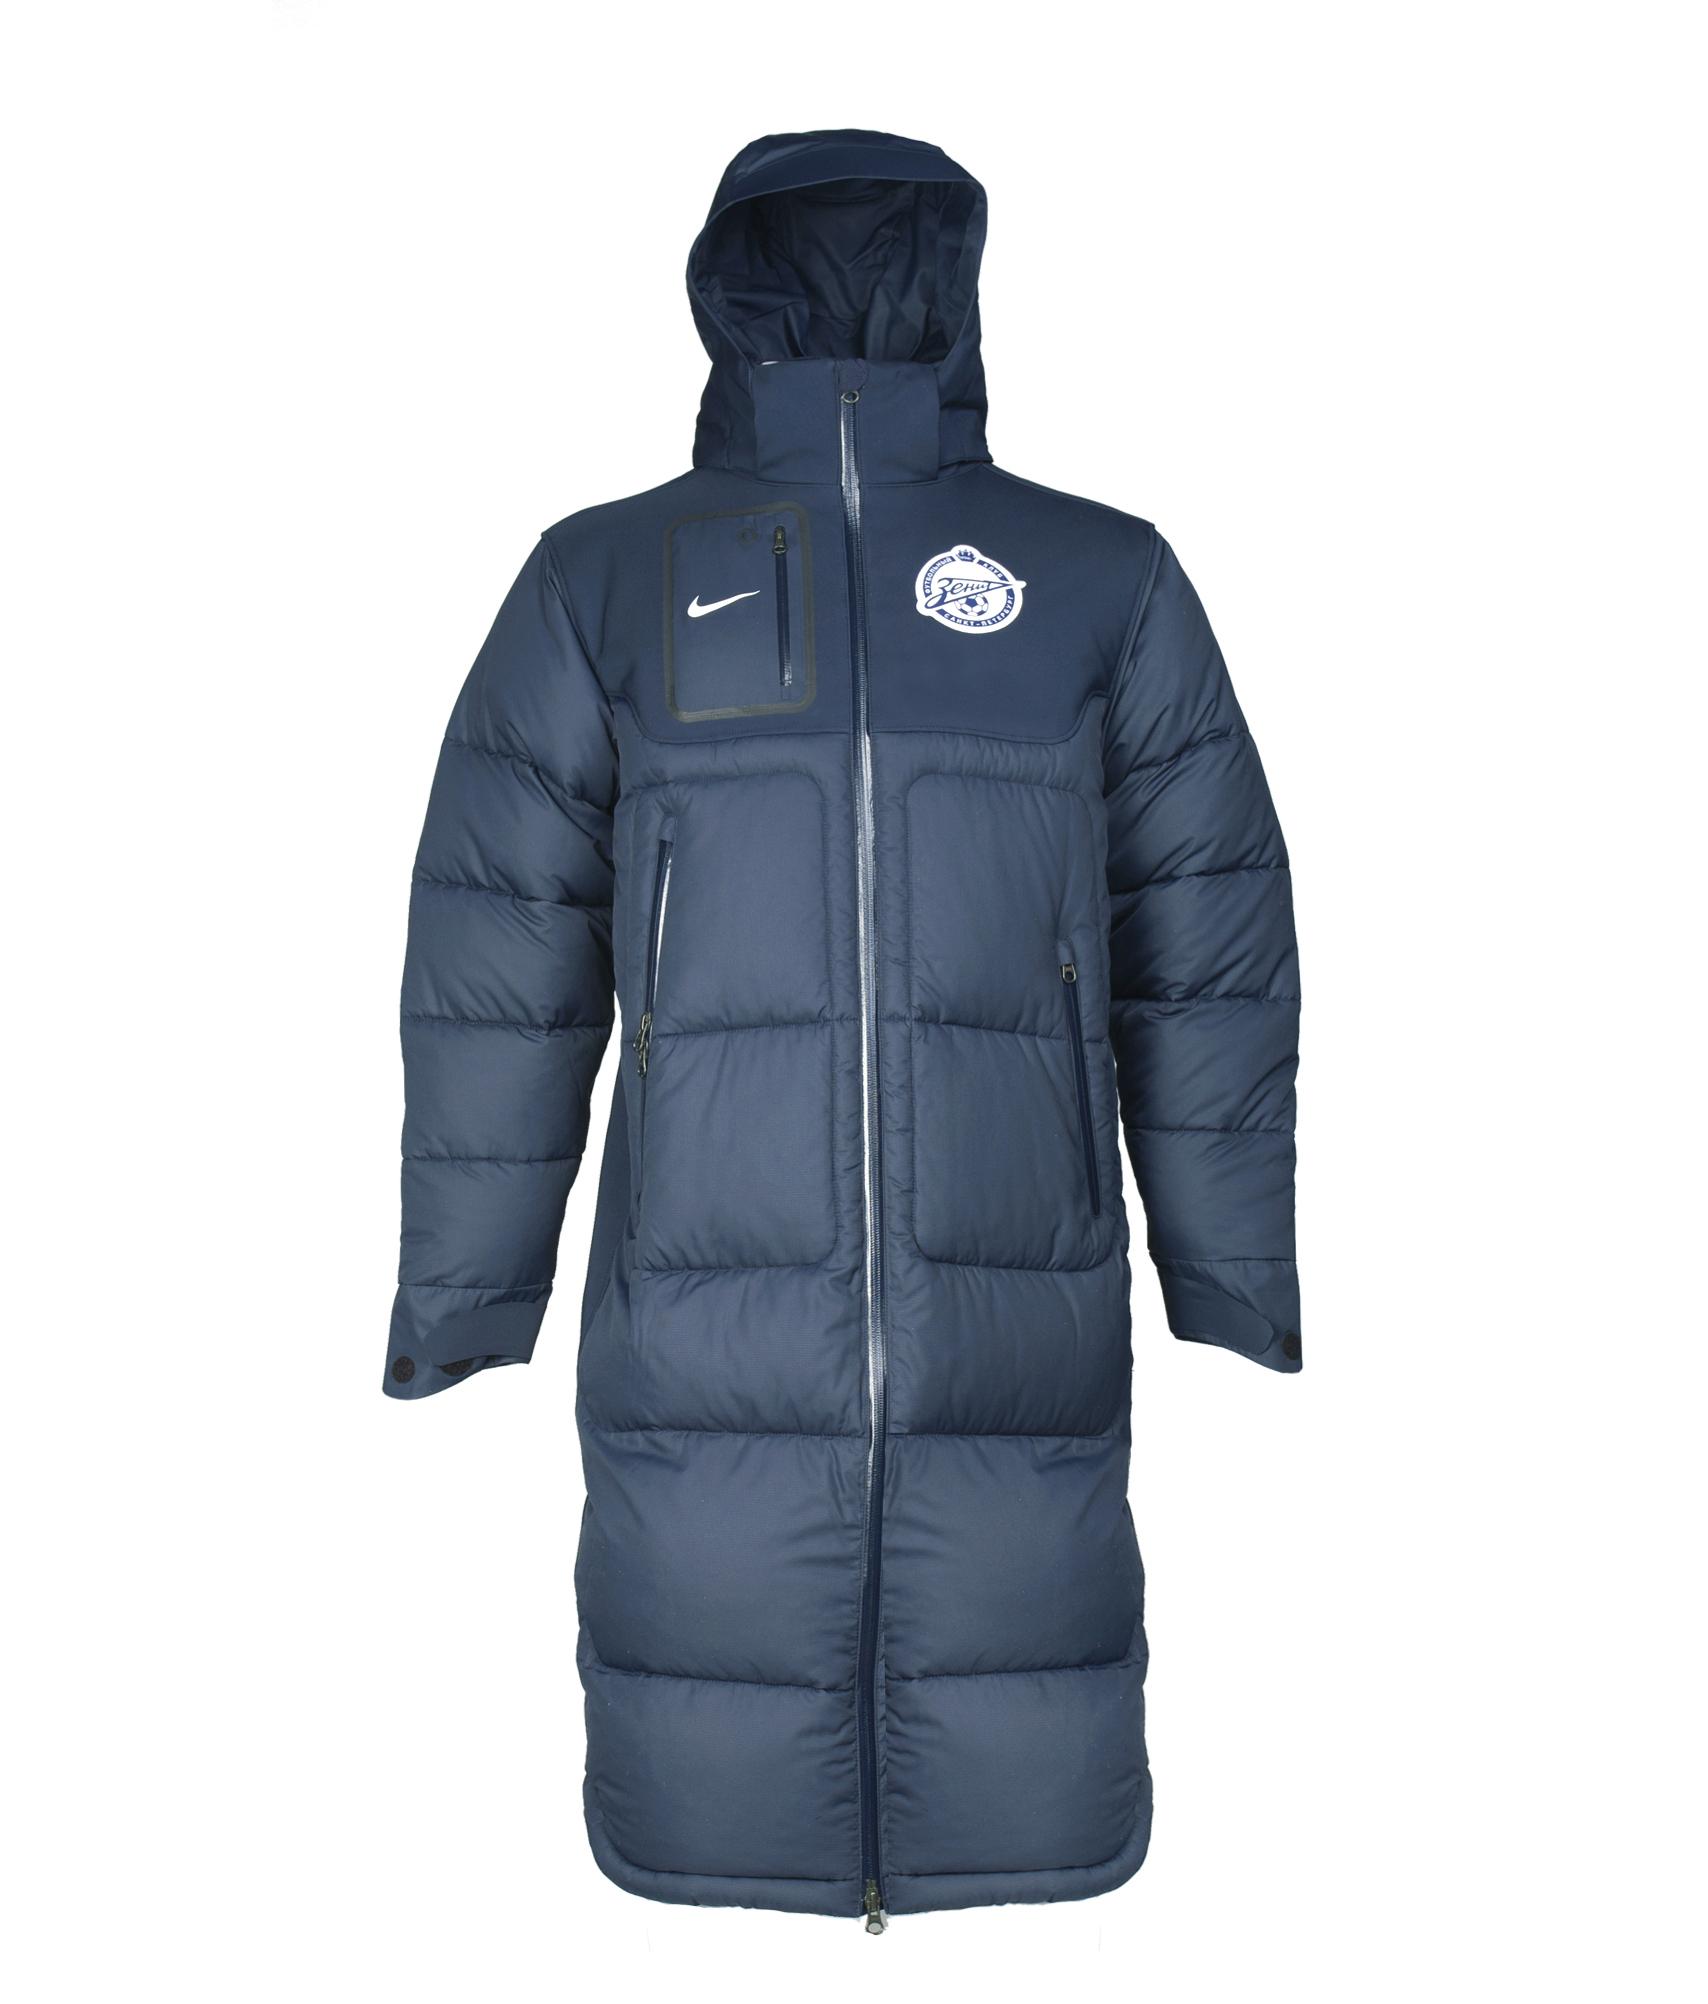 Куртка ZENIT HEAVY FILL JKT, Цвет-Темно-Синий, Размер-XL